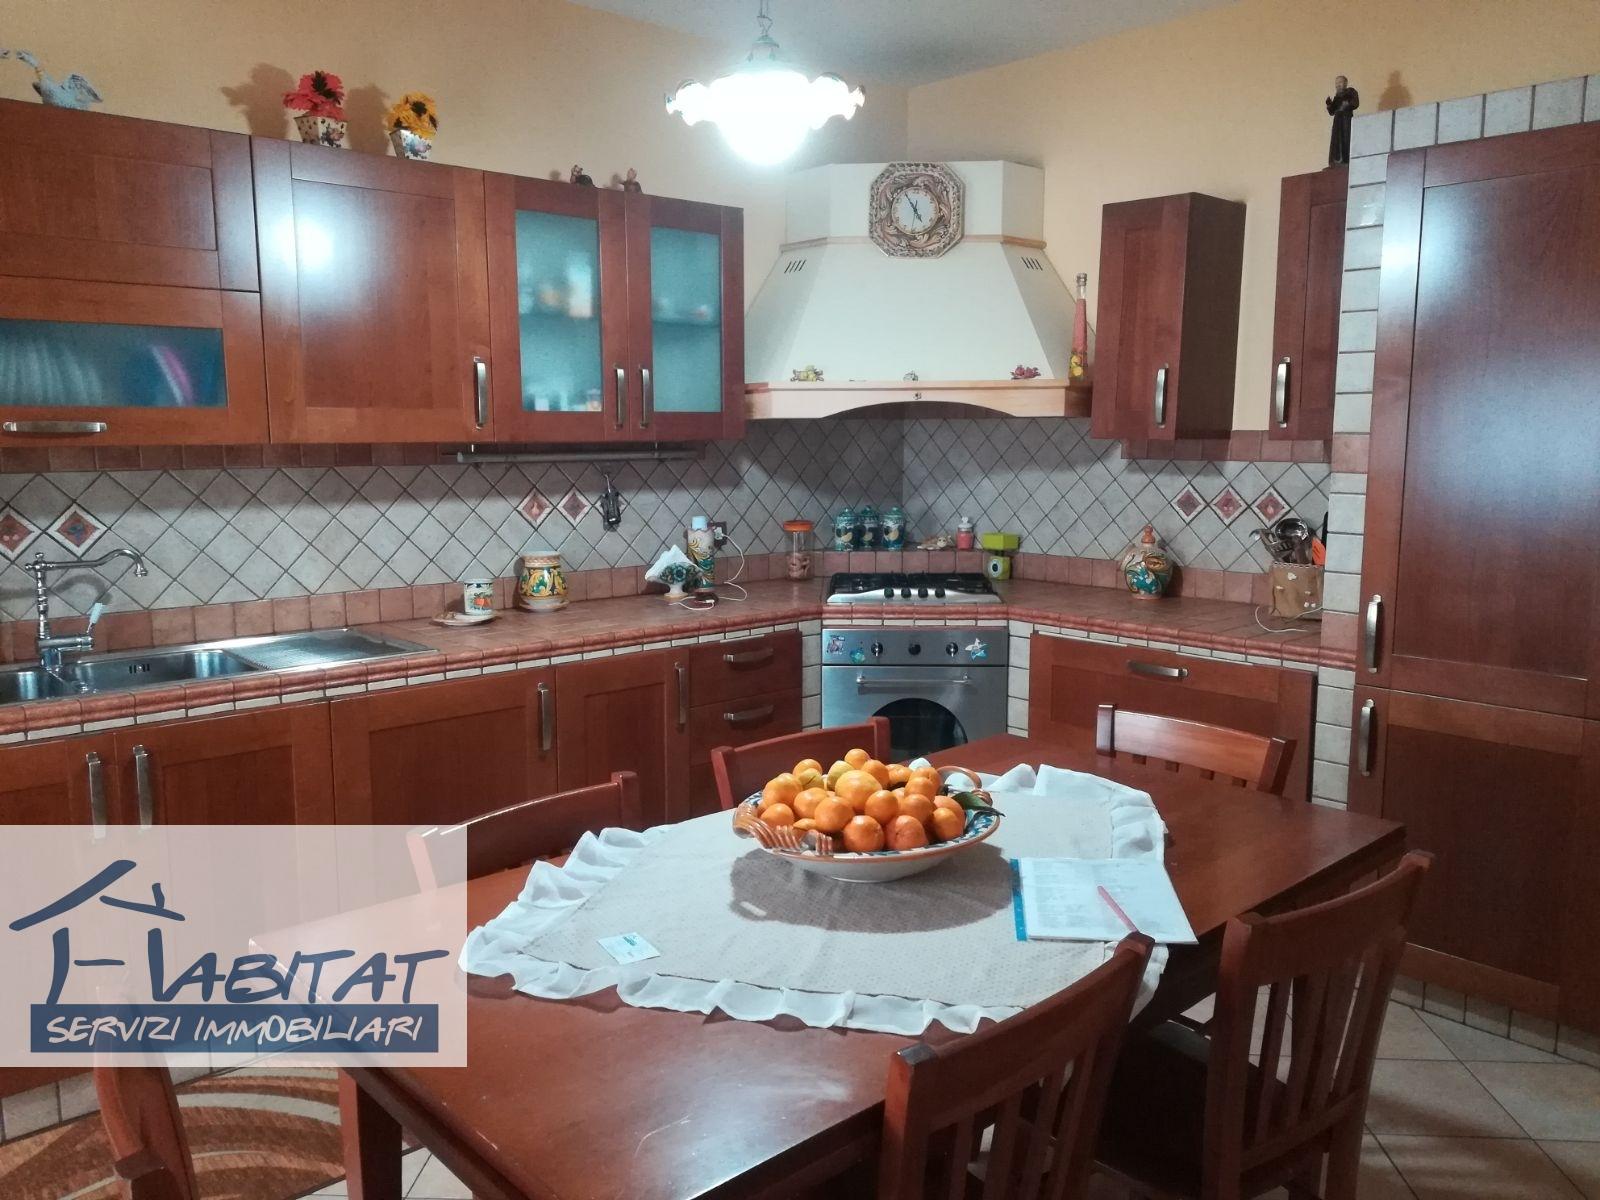 Appartamento in affitto a Agrigento, 5 locali, zona Zona: Fontanelle, prezzo € 135.000 | CambioCasa.it